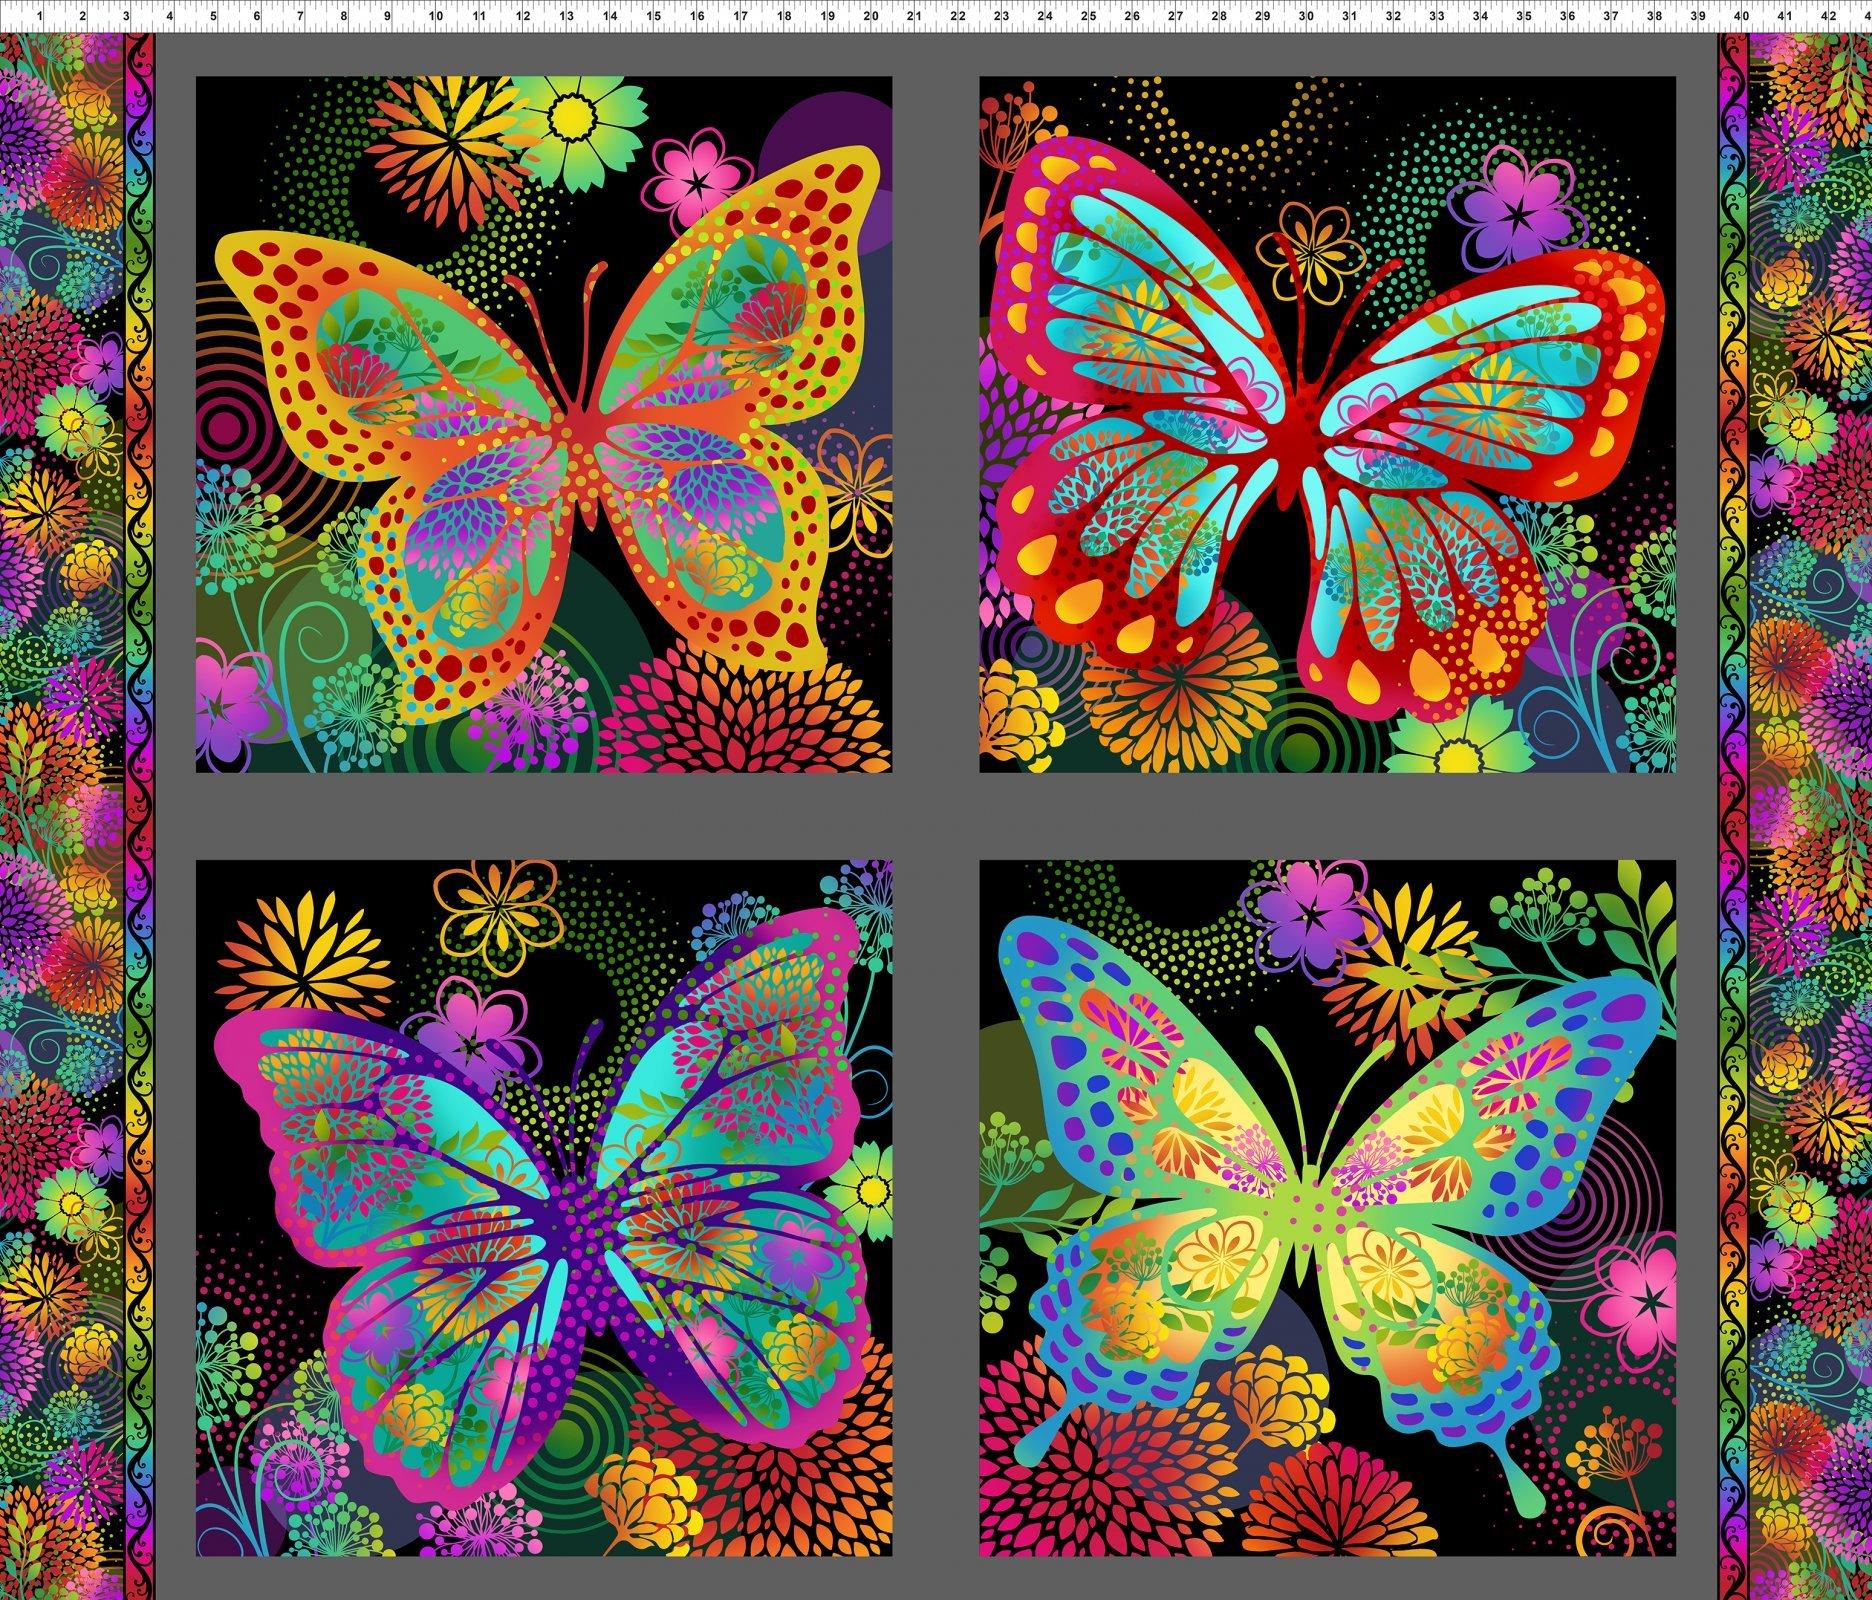 In The Beginning, Unusual Garden II - Butterfly Panel Multi/Black